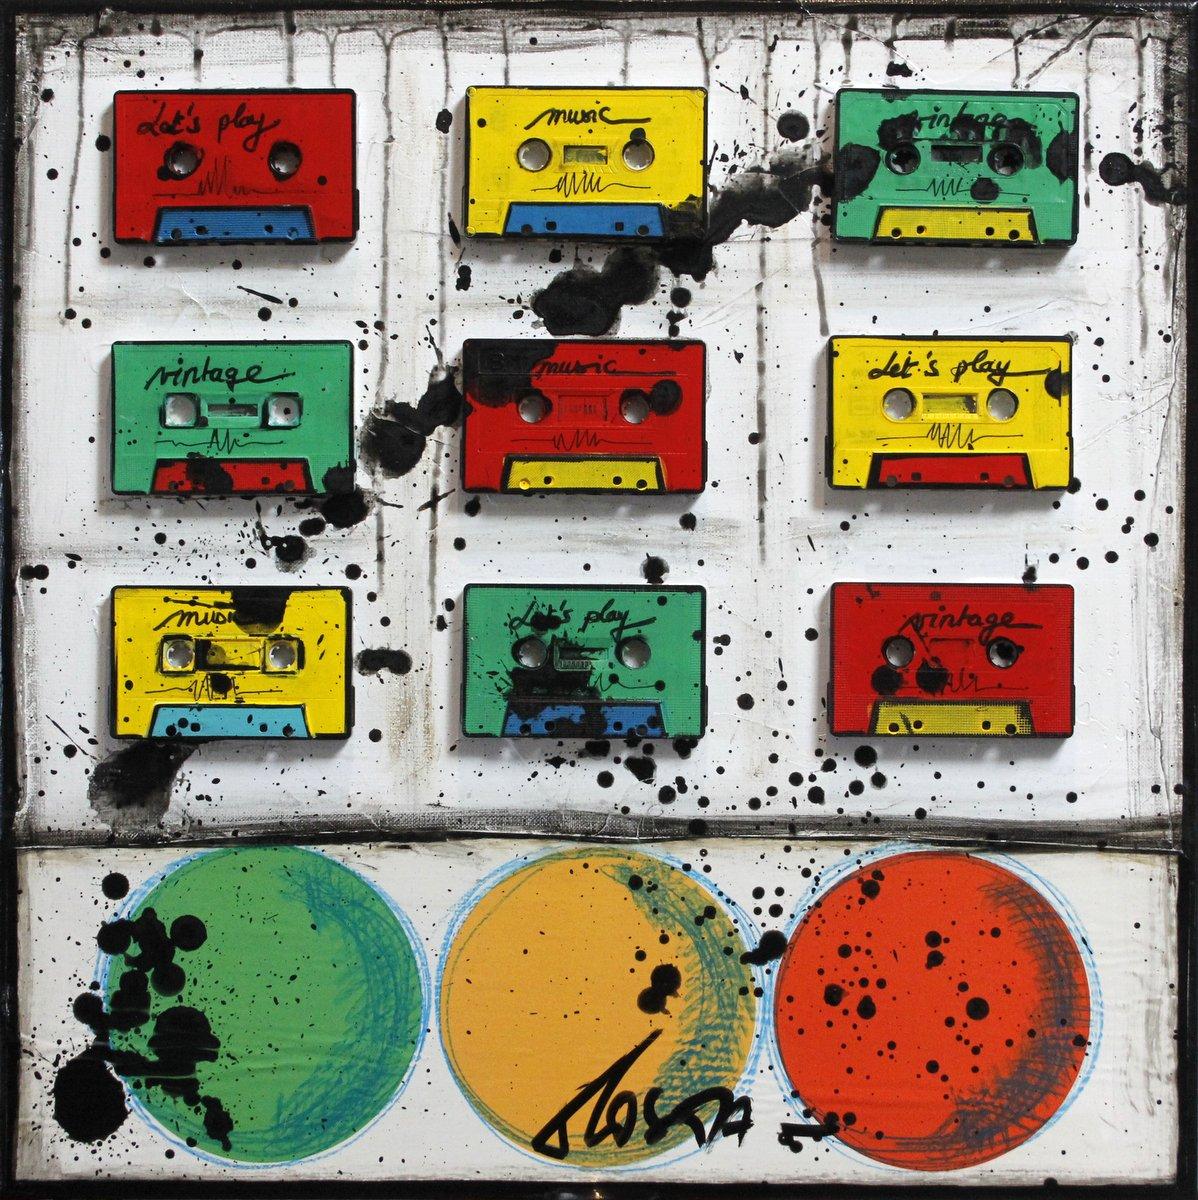 collage, cassettes audio, vintage music Tableau Contemporain, Bubble tape # 2. Sophie Costa, artiste peintre.